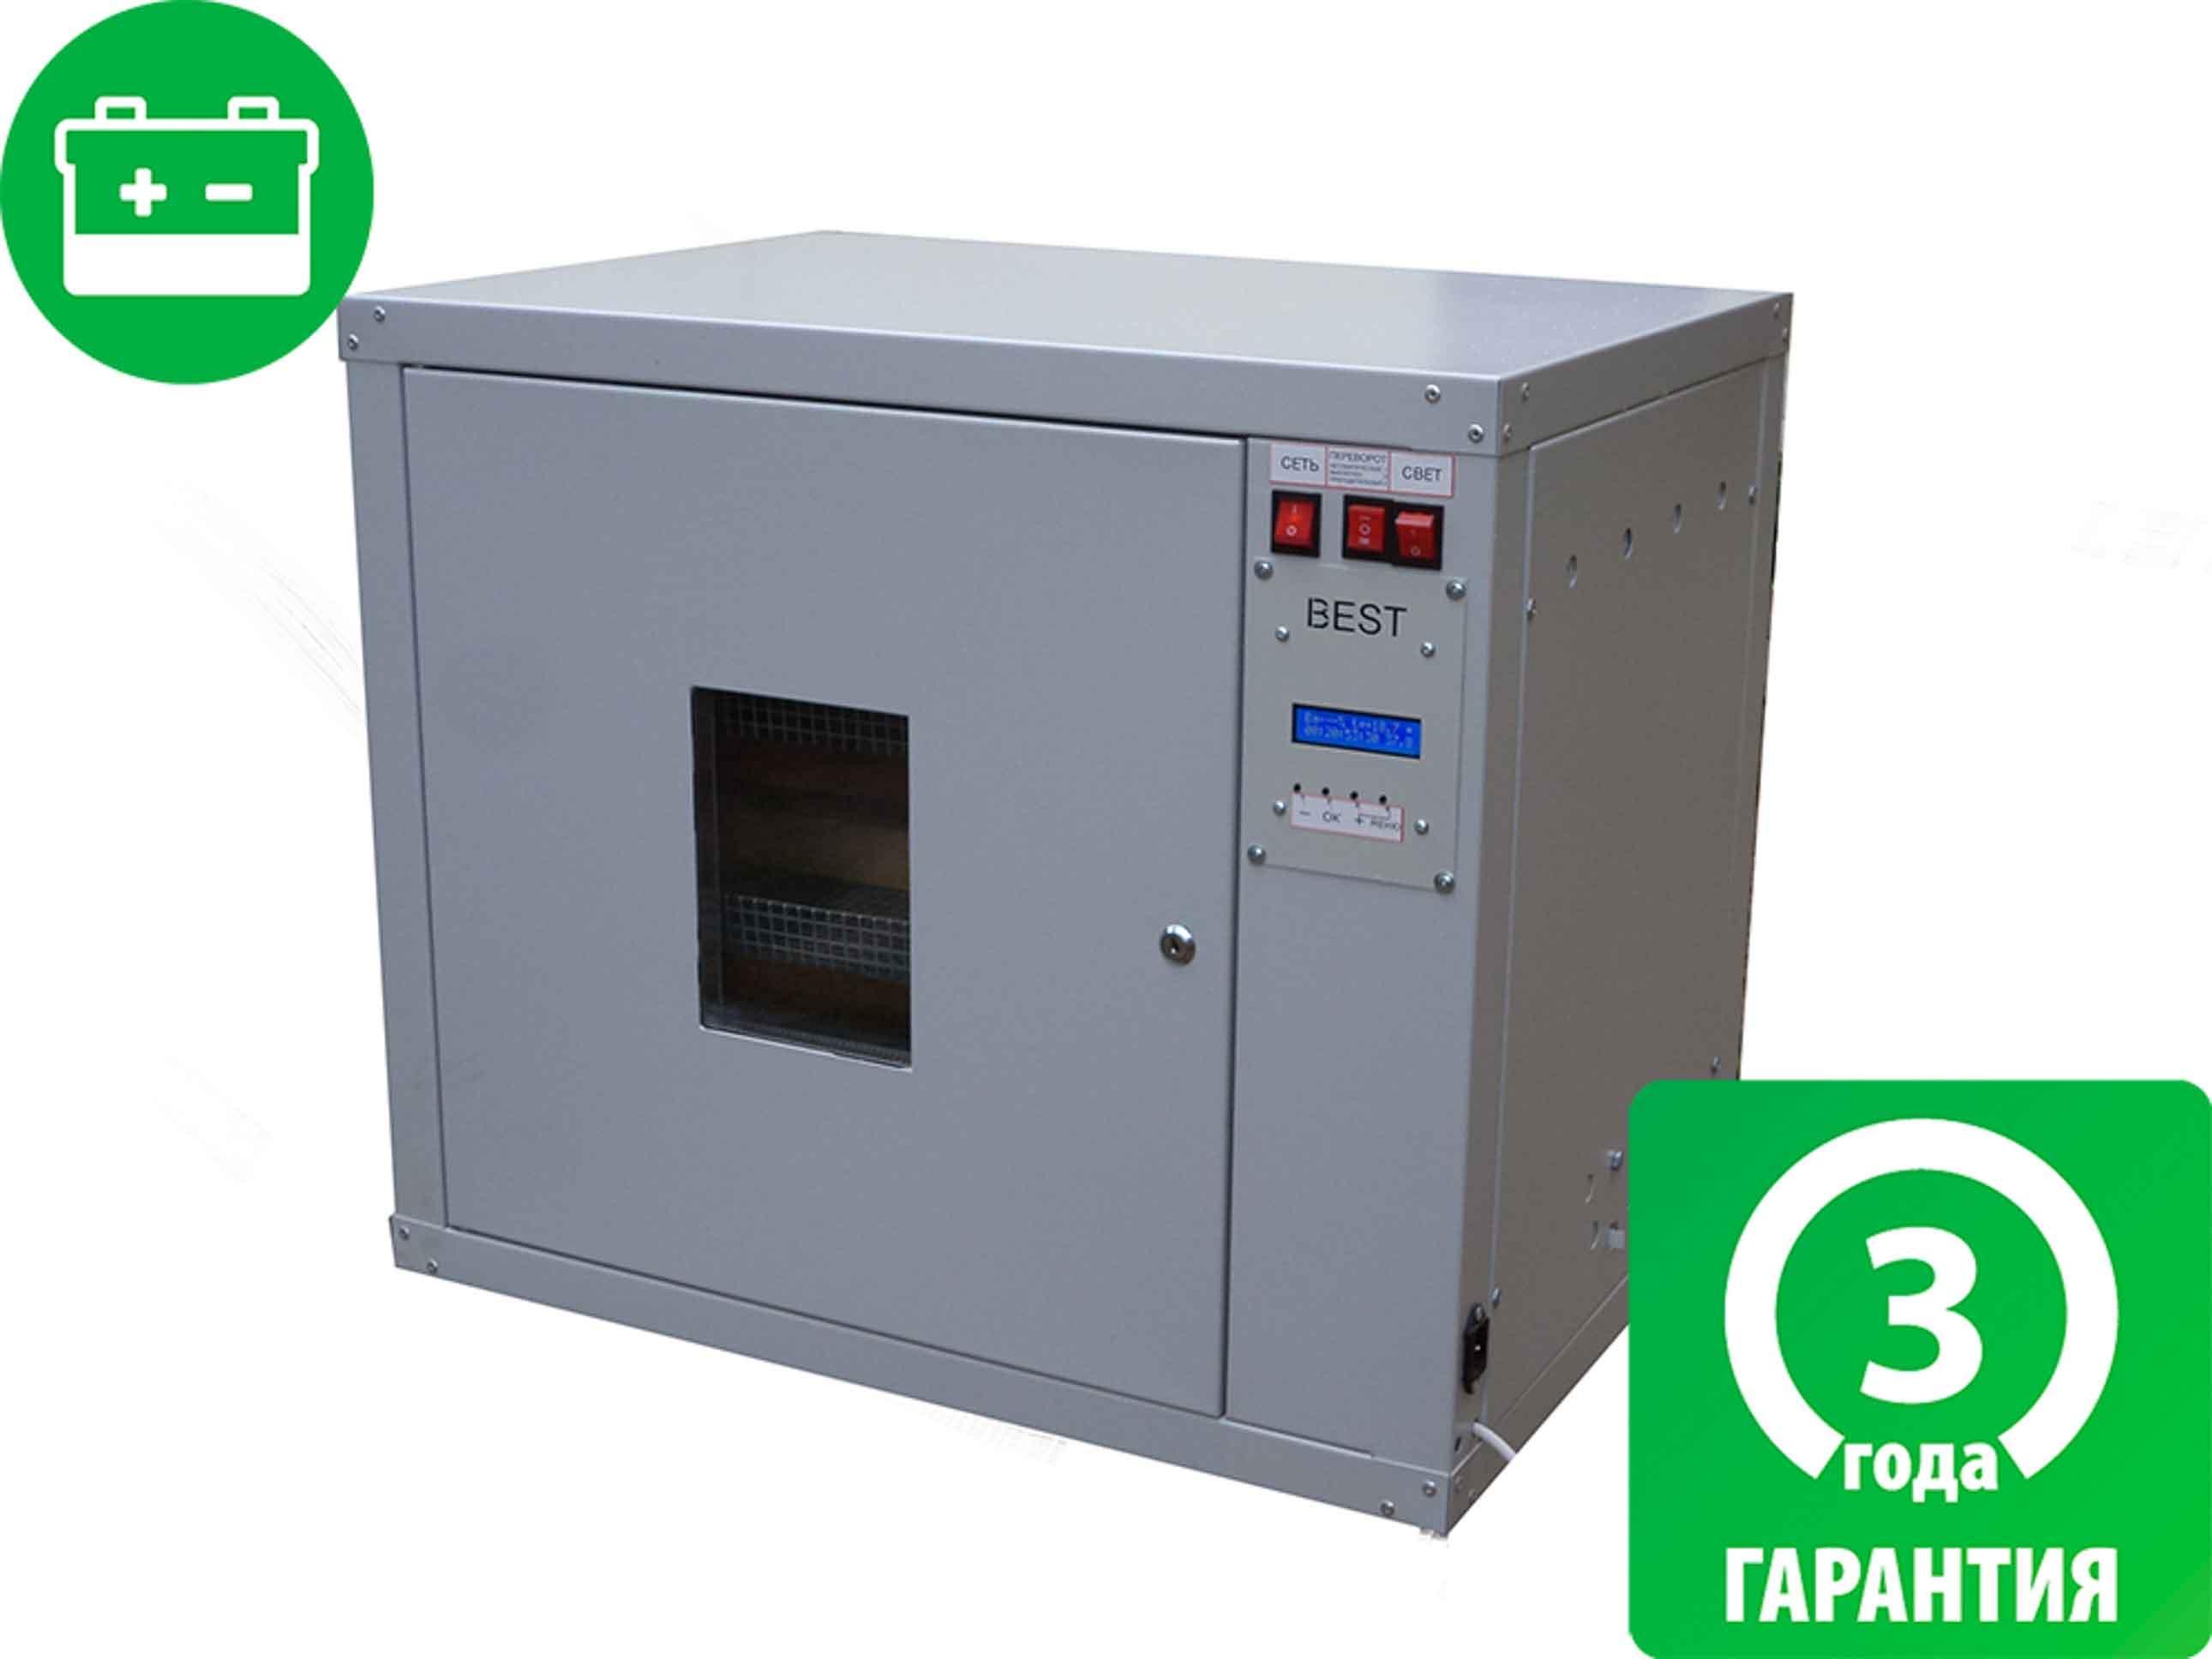 Автоматические инкубаторы фото 1